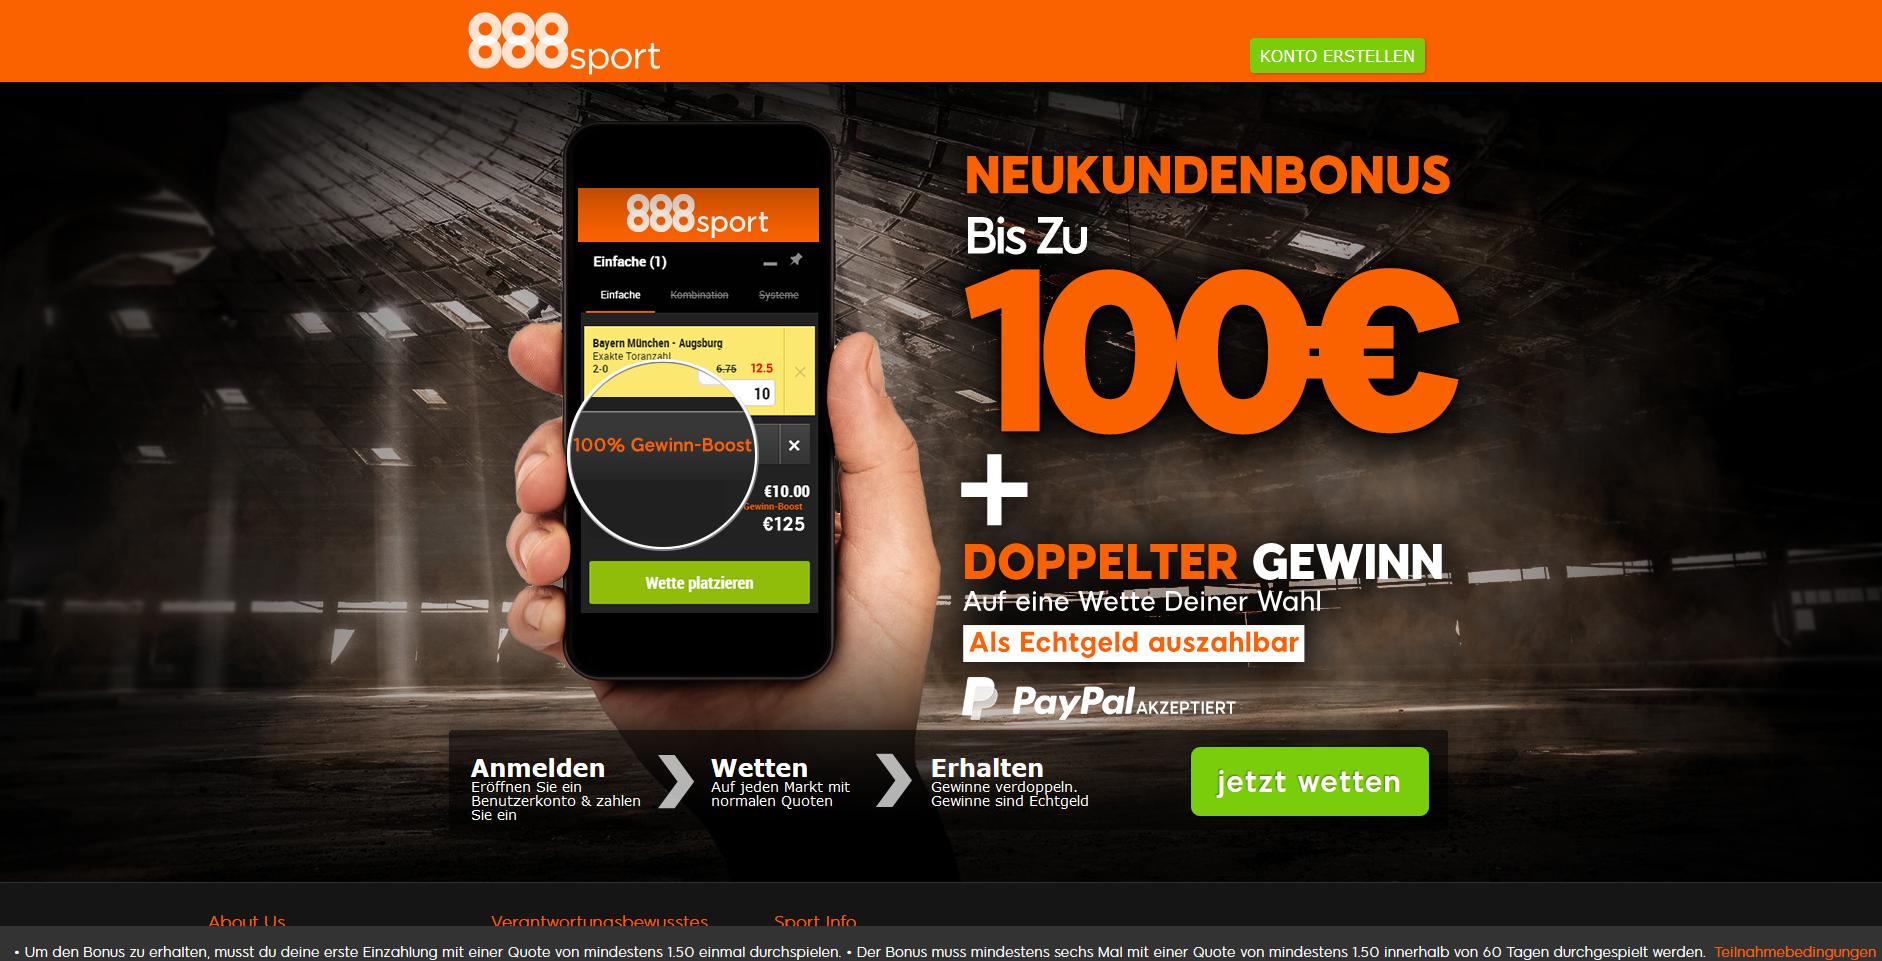 Bonus bei 888sport